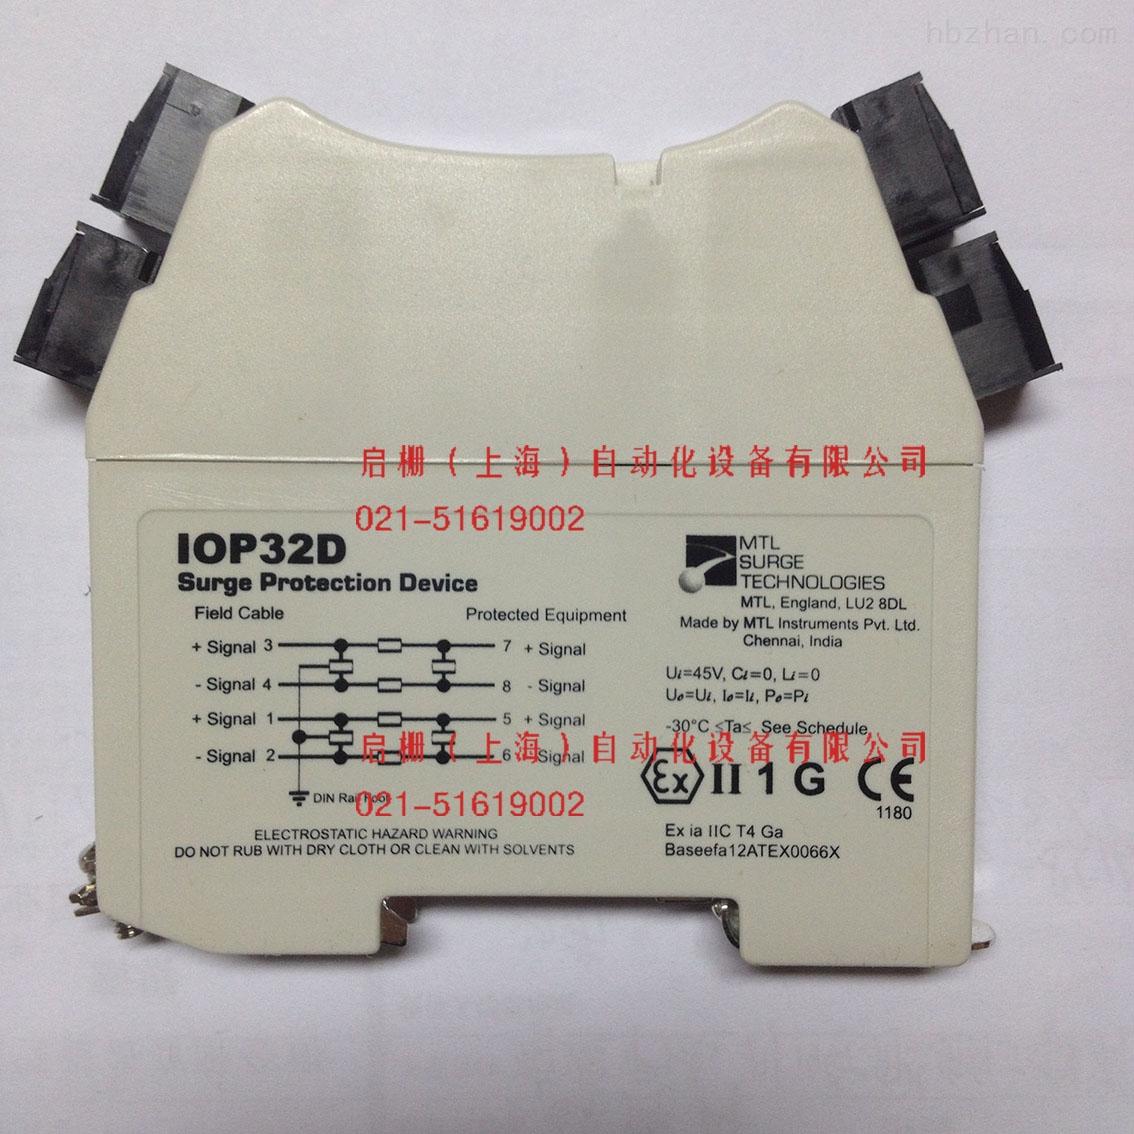 现货供应英国mtl双通道浪涌保护器iop32d